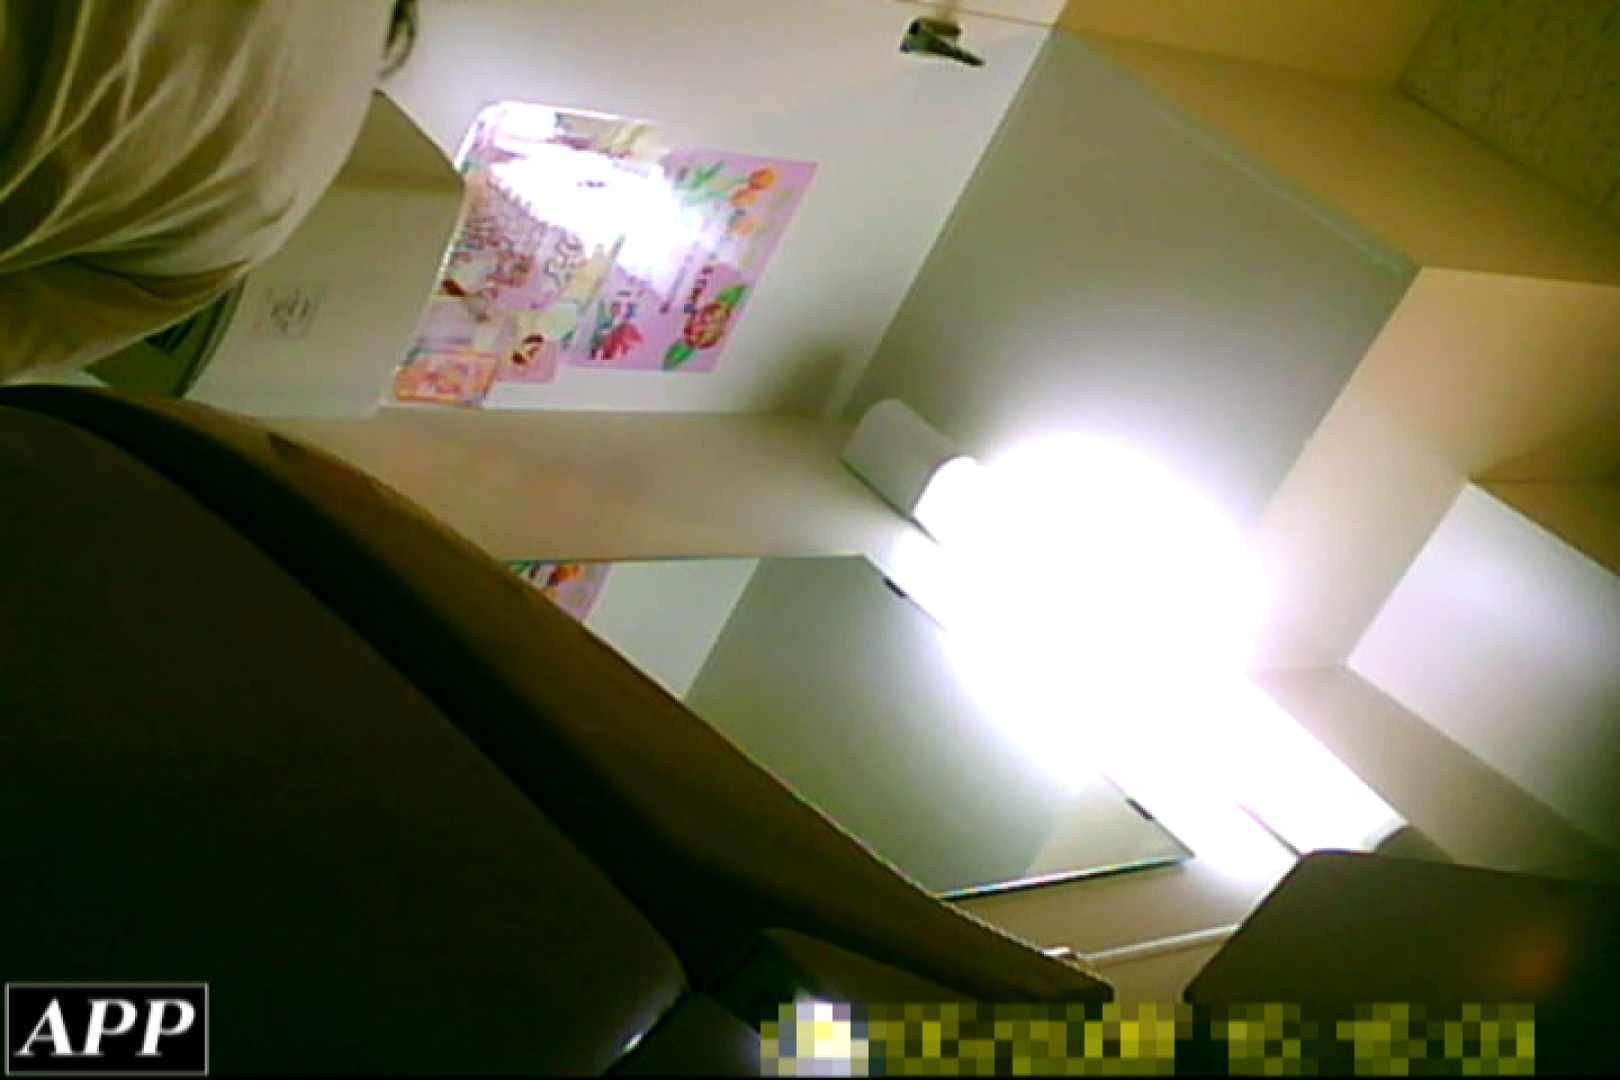 3視点洗面所 vol.115 OLのエロ生活 オメコ動画キャプチャ 42連発 26